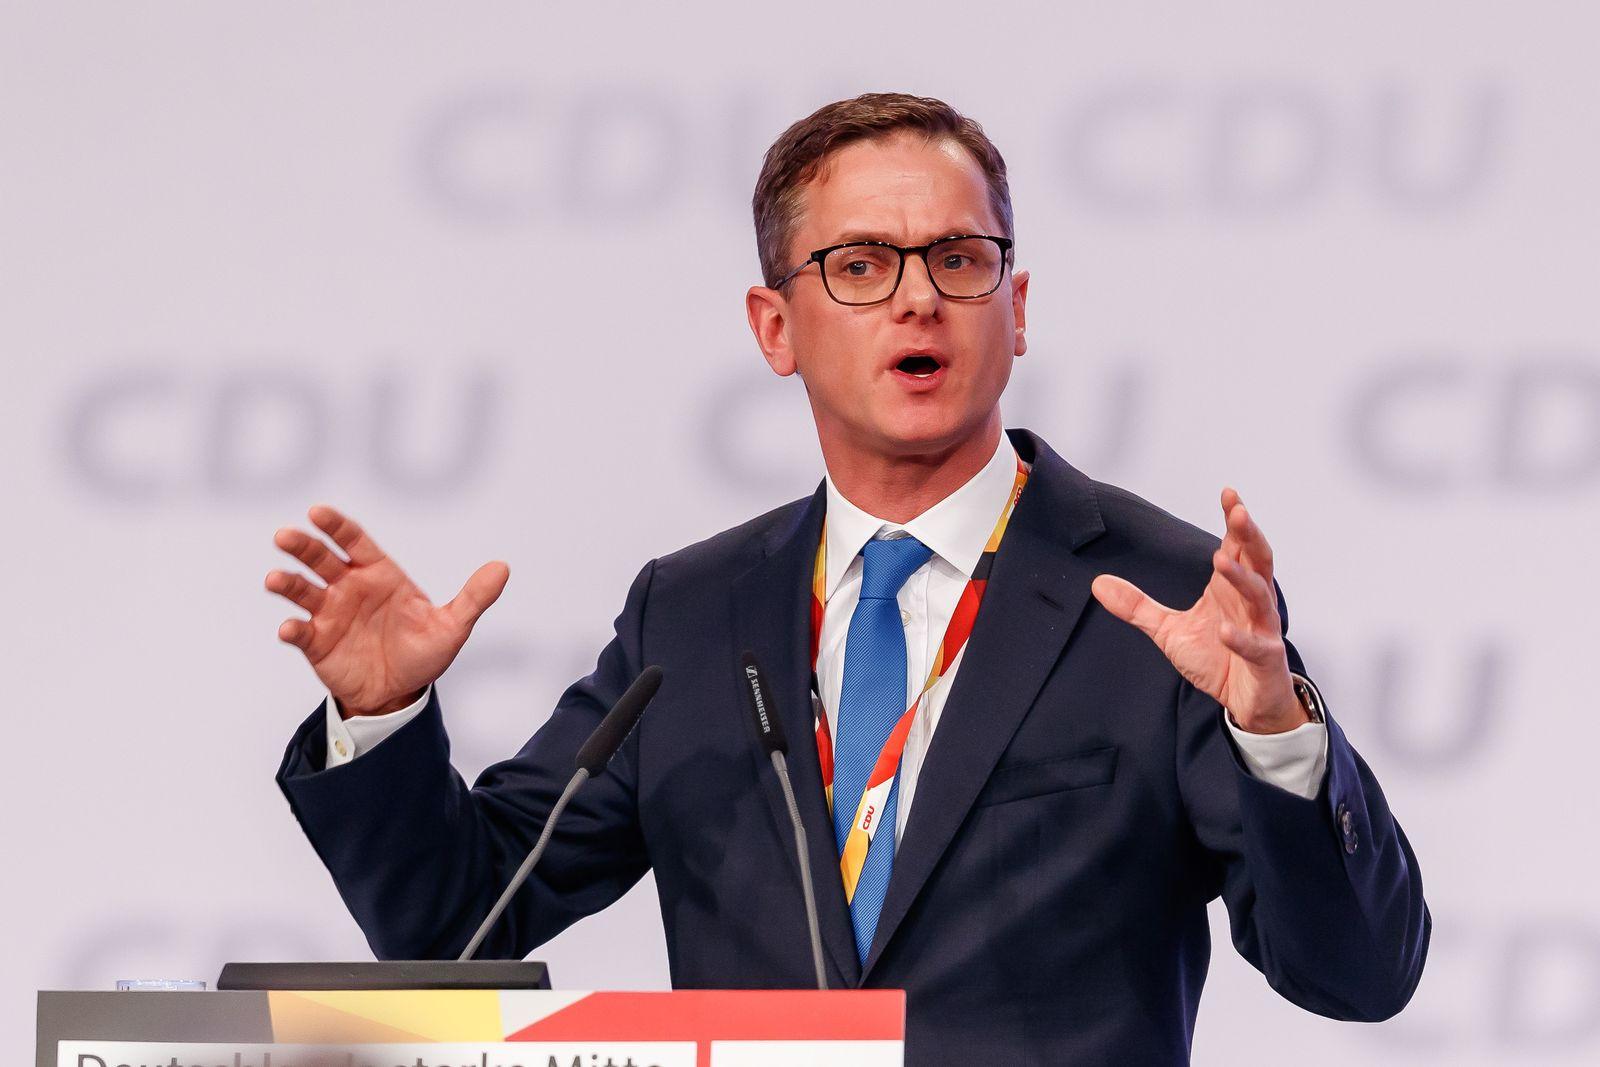 Leipzig, Deutschland, 22.11.2019, Parteitag der Christlich-Demokratischen Union, CDU, Carsten Linnemann (CDU) spricht, s